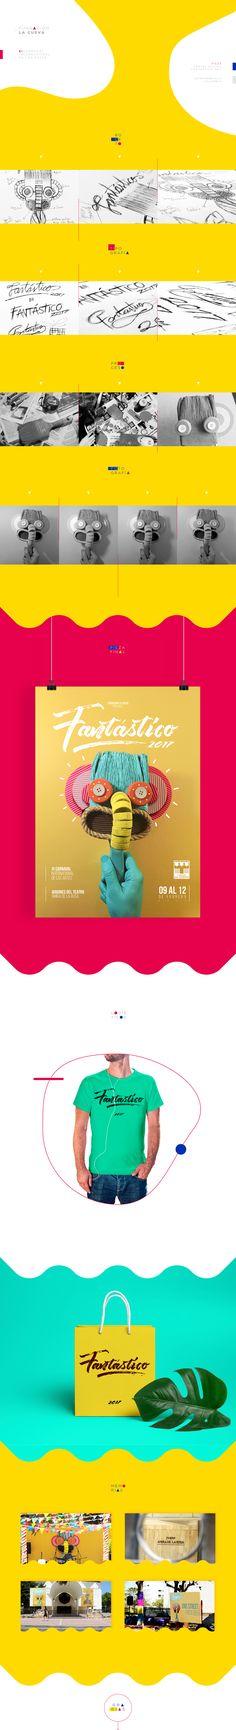 Cartel oficial realizado para la edición XI del Carnaval Internacional de las Artes - 2017 realizado en la ciudad de Barranquilla - Colombia.